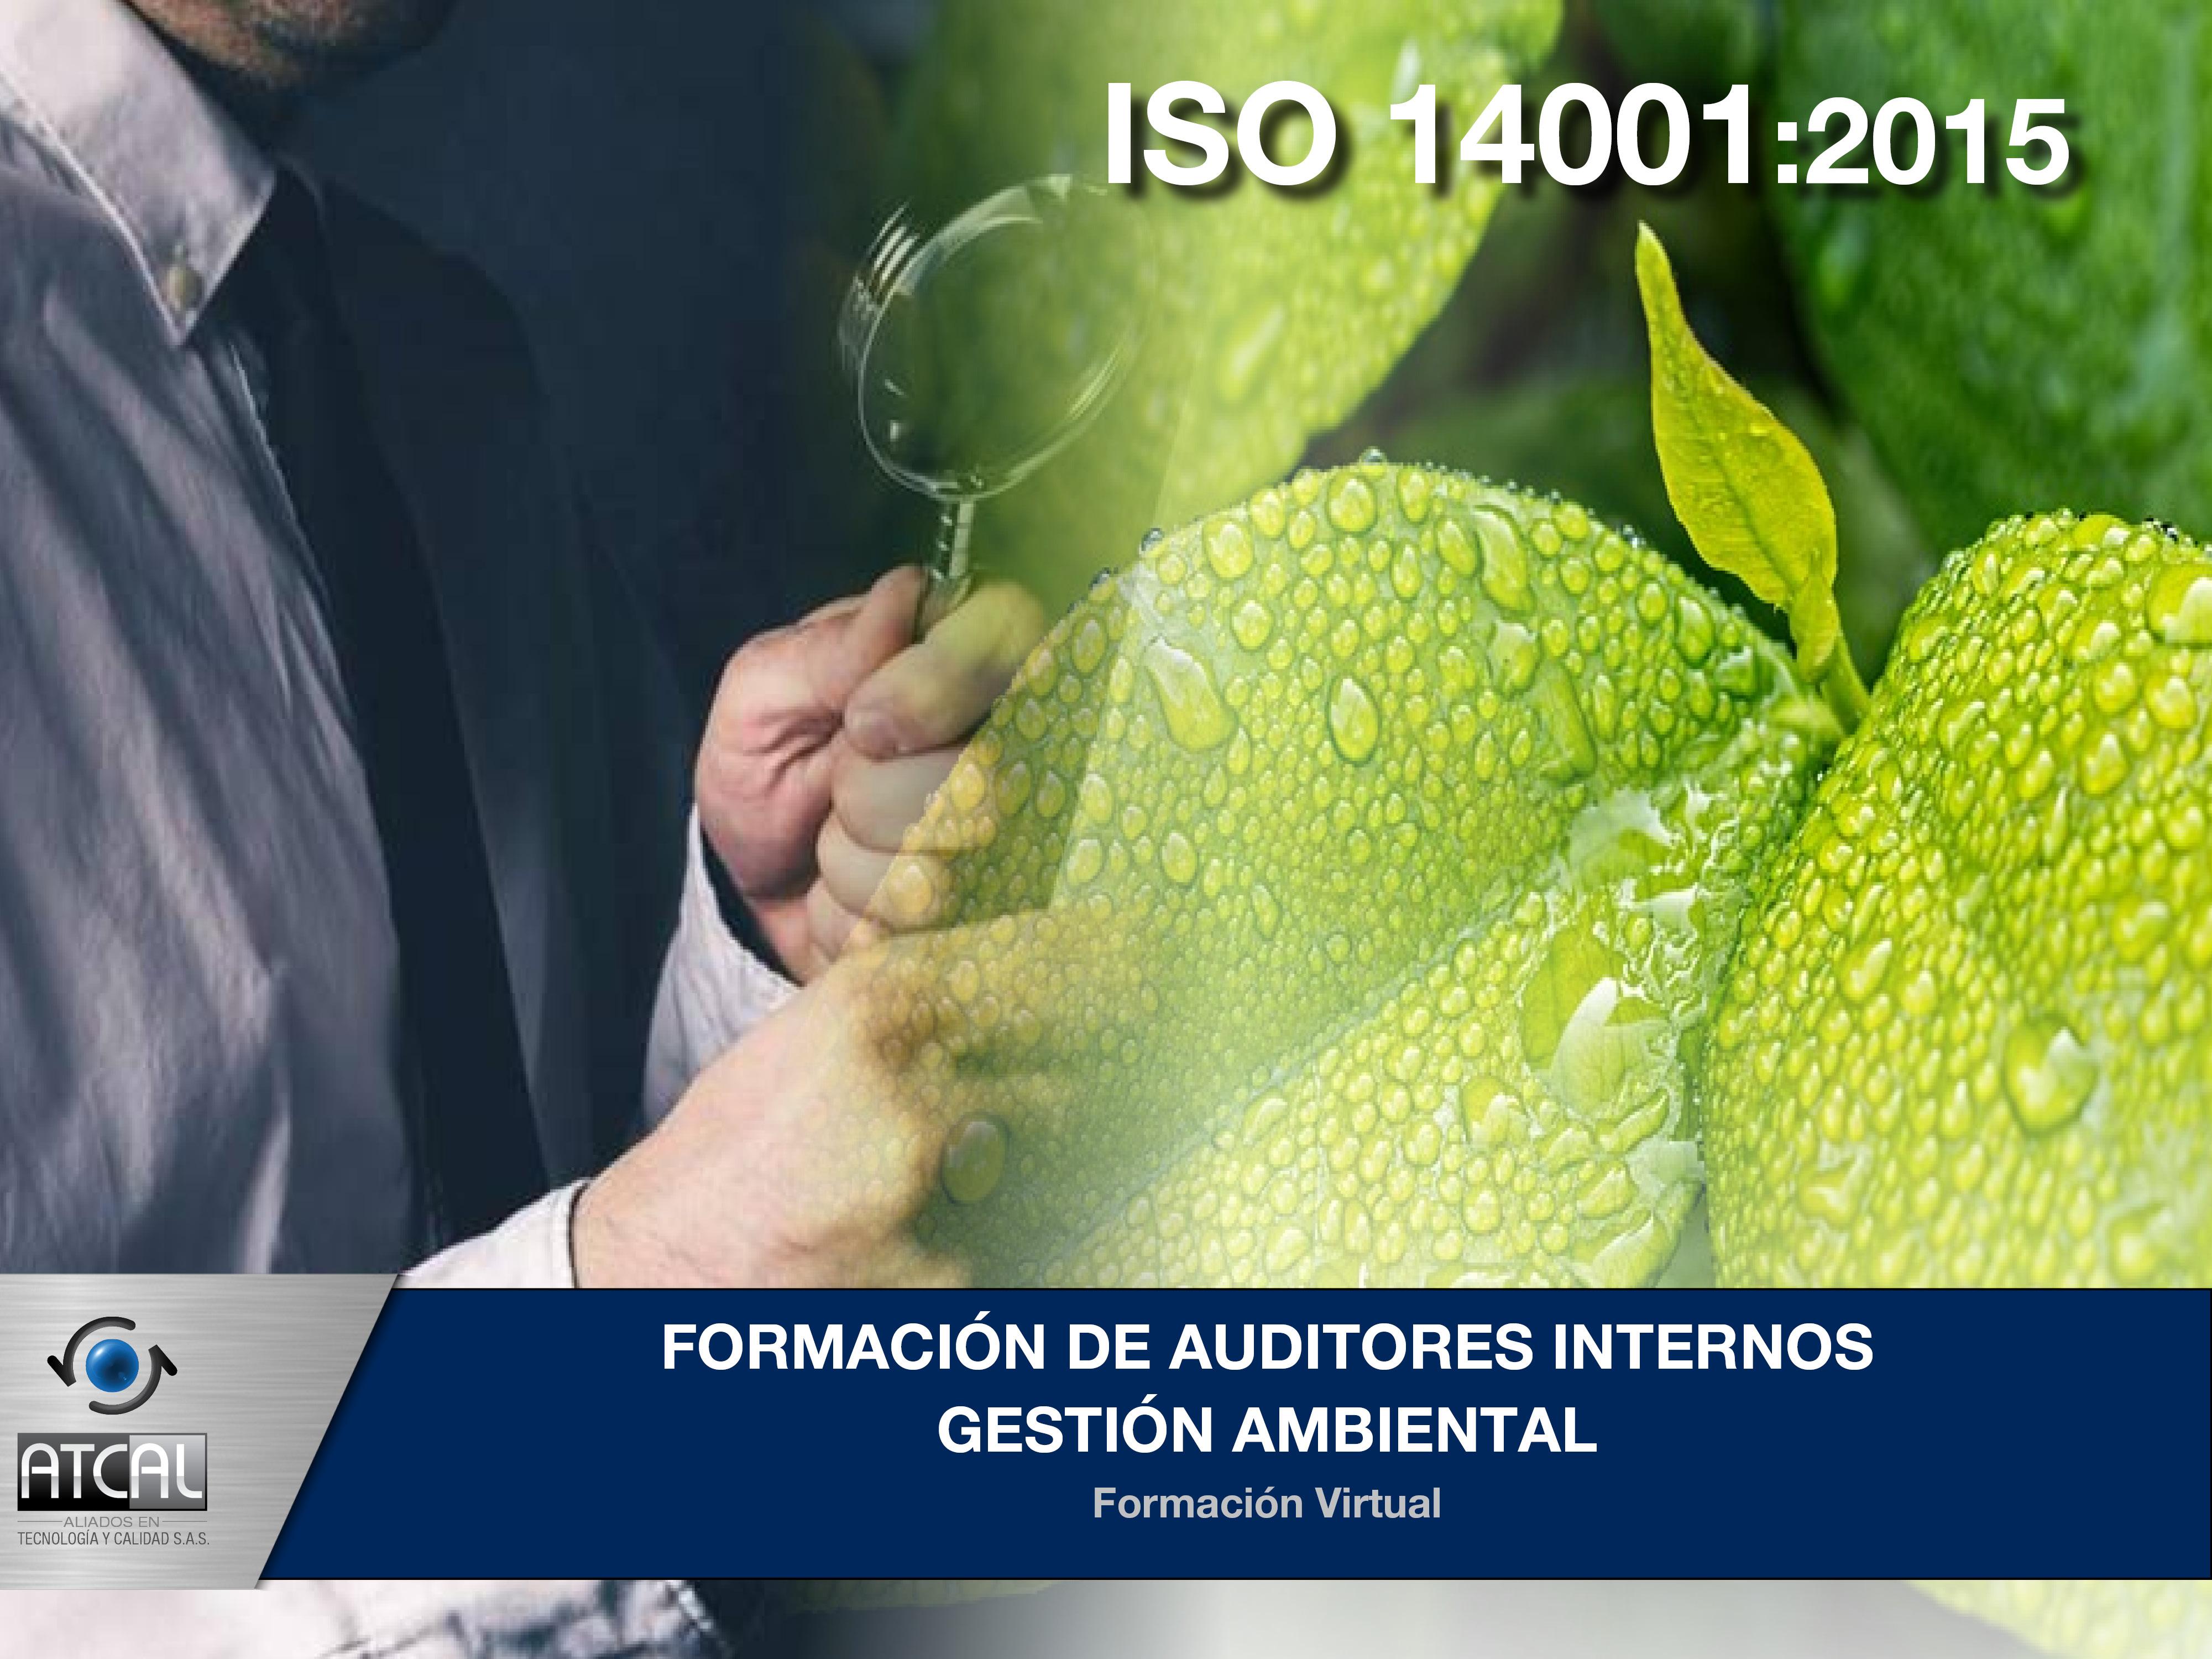 Formación de Auditores Internos Gestión Ambiental ISO 14001:2015